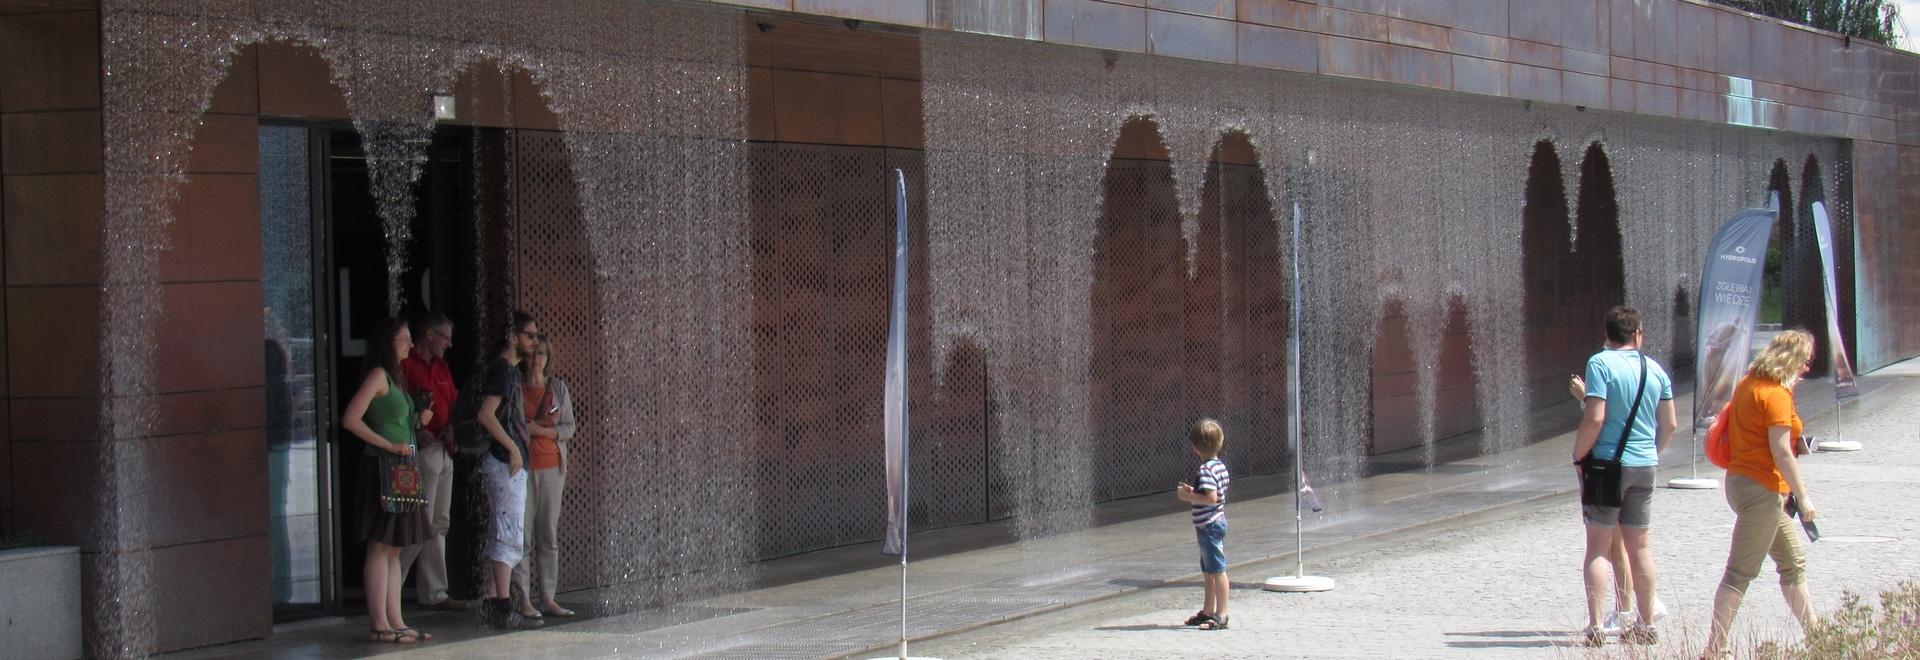 Le rideau en eau de Digital aime le musée de Hydropolis